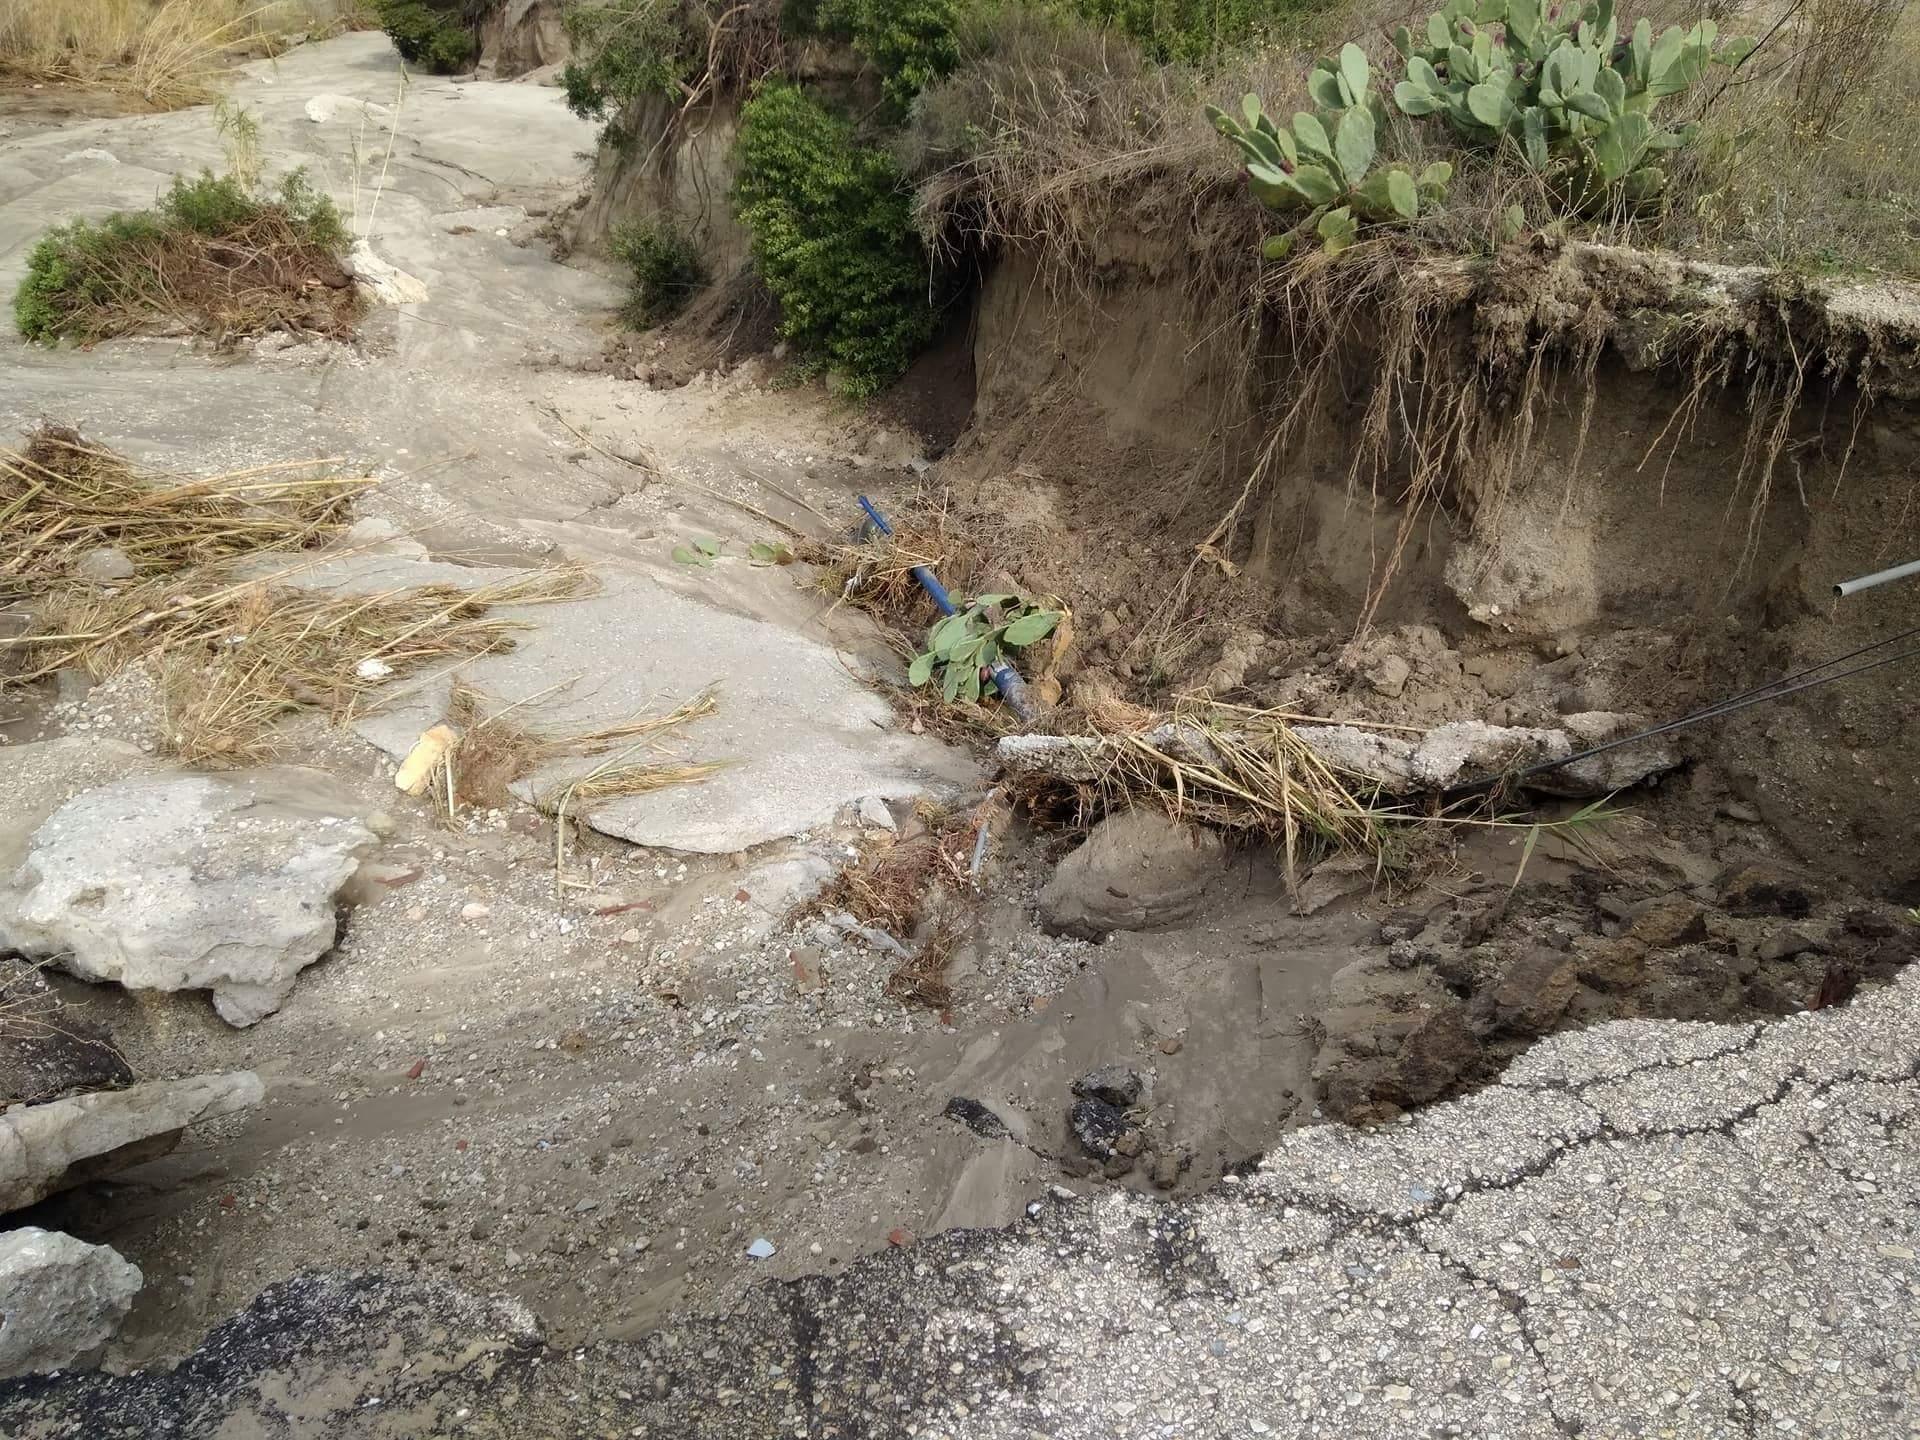 Προβλήματα στην υδροδότηση